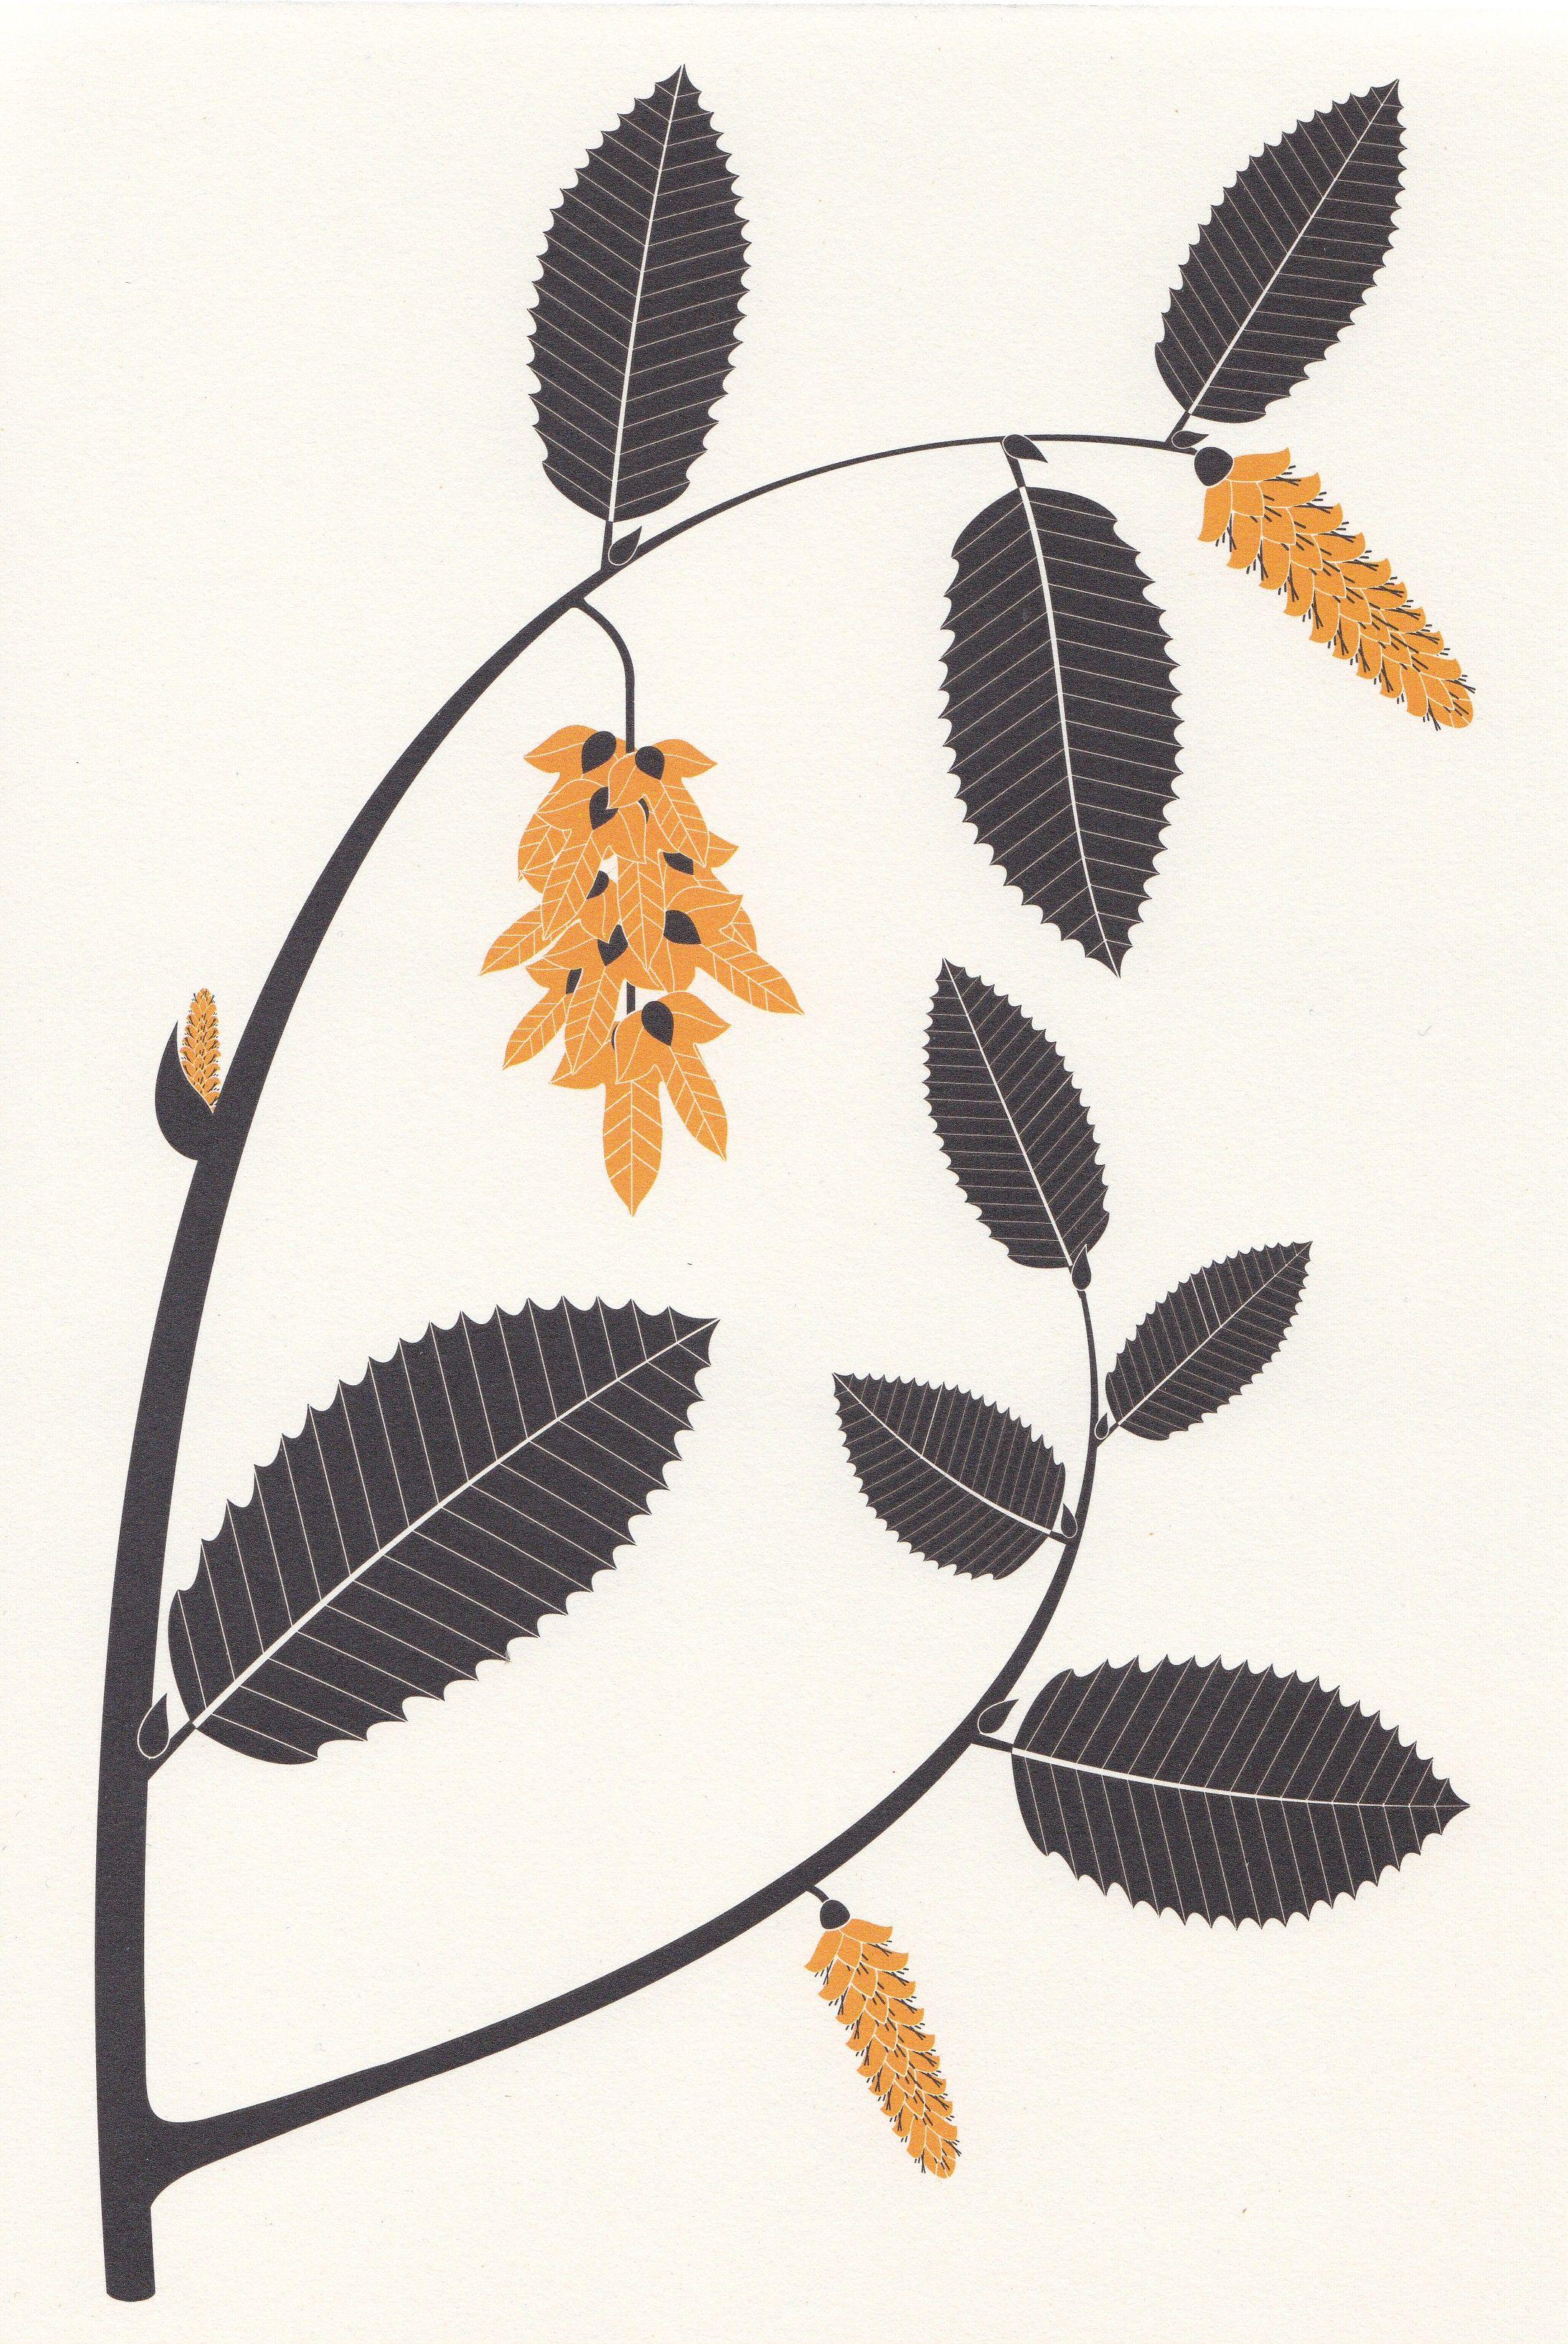 l 39 herbier d 39 emilie vast arbres feuillus d 39 europe le charme botanika pinterest botanical. Black Bedroom Furniture Sets. Home Design Ideas